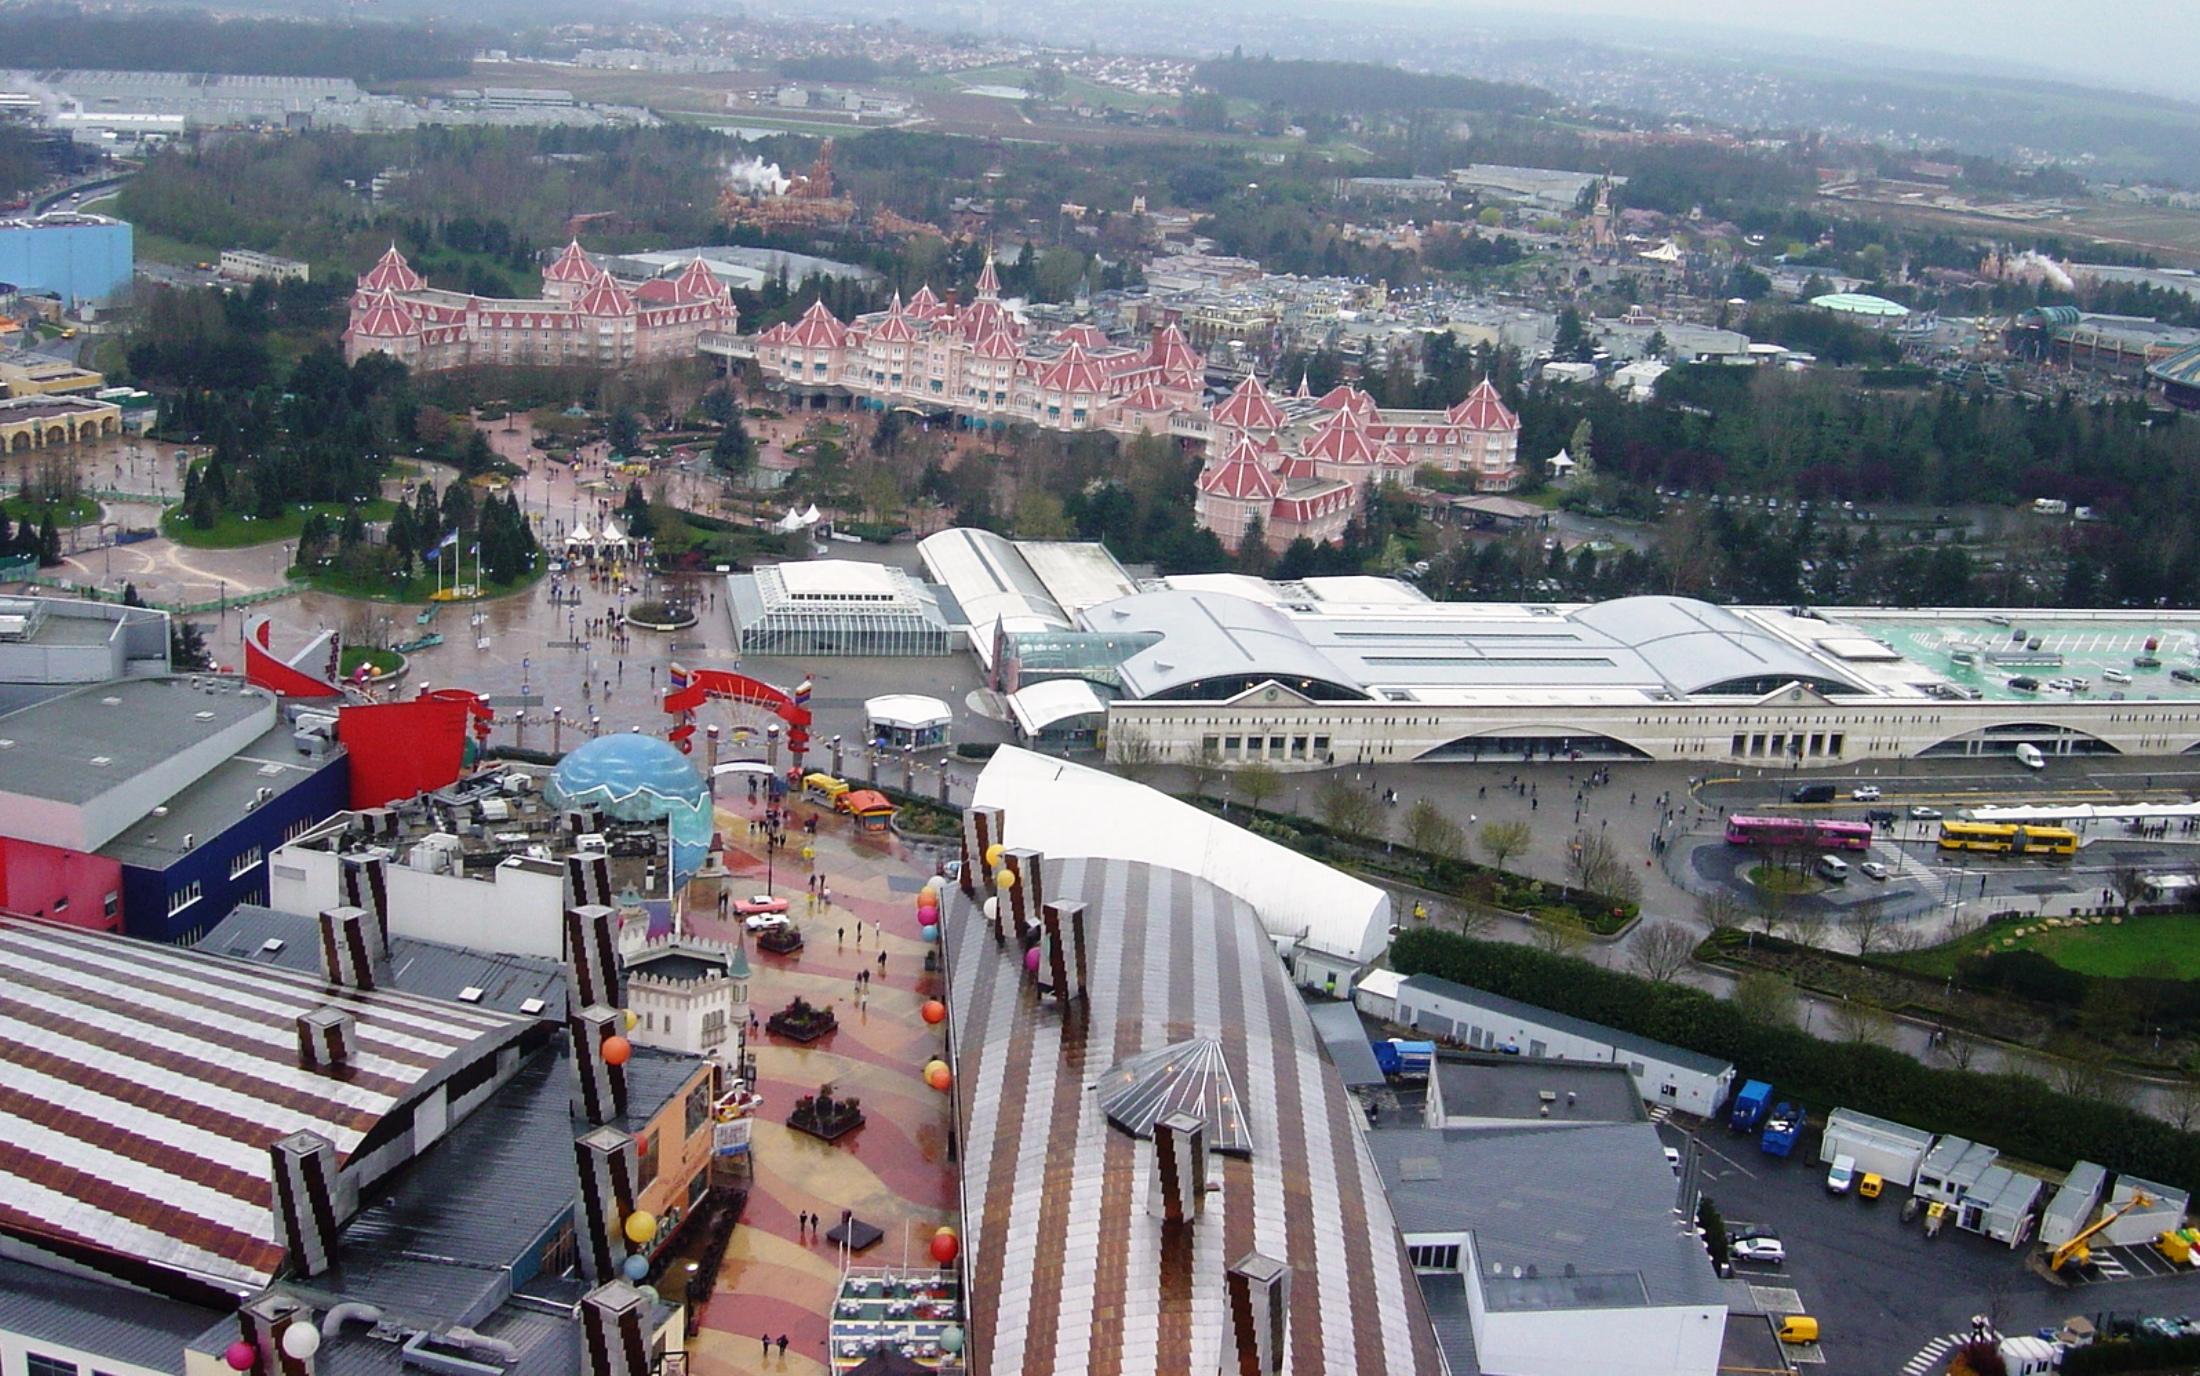 Disneyland Paris vanuit de lucht - Foto: © Adri van Esch